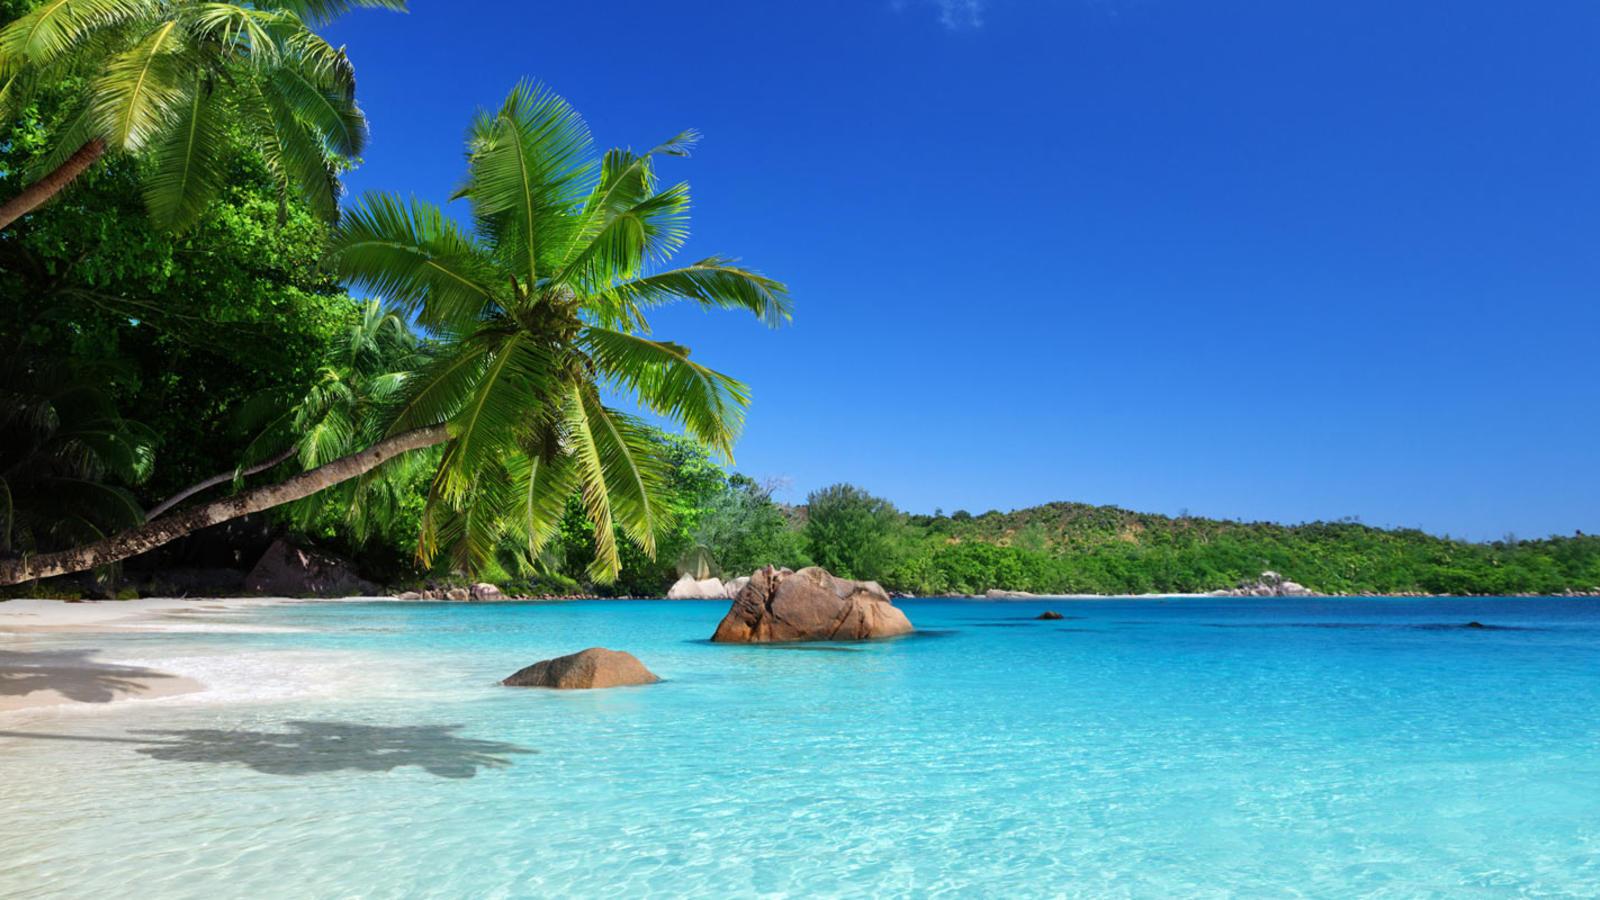 Seychelles irisviaggi for Immagini hd desktop